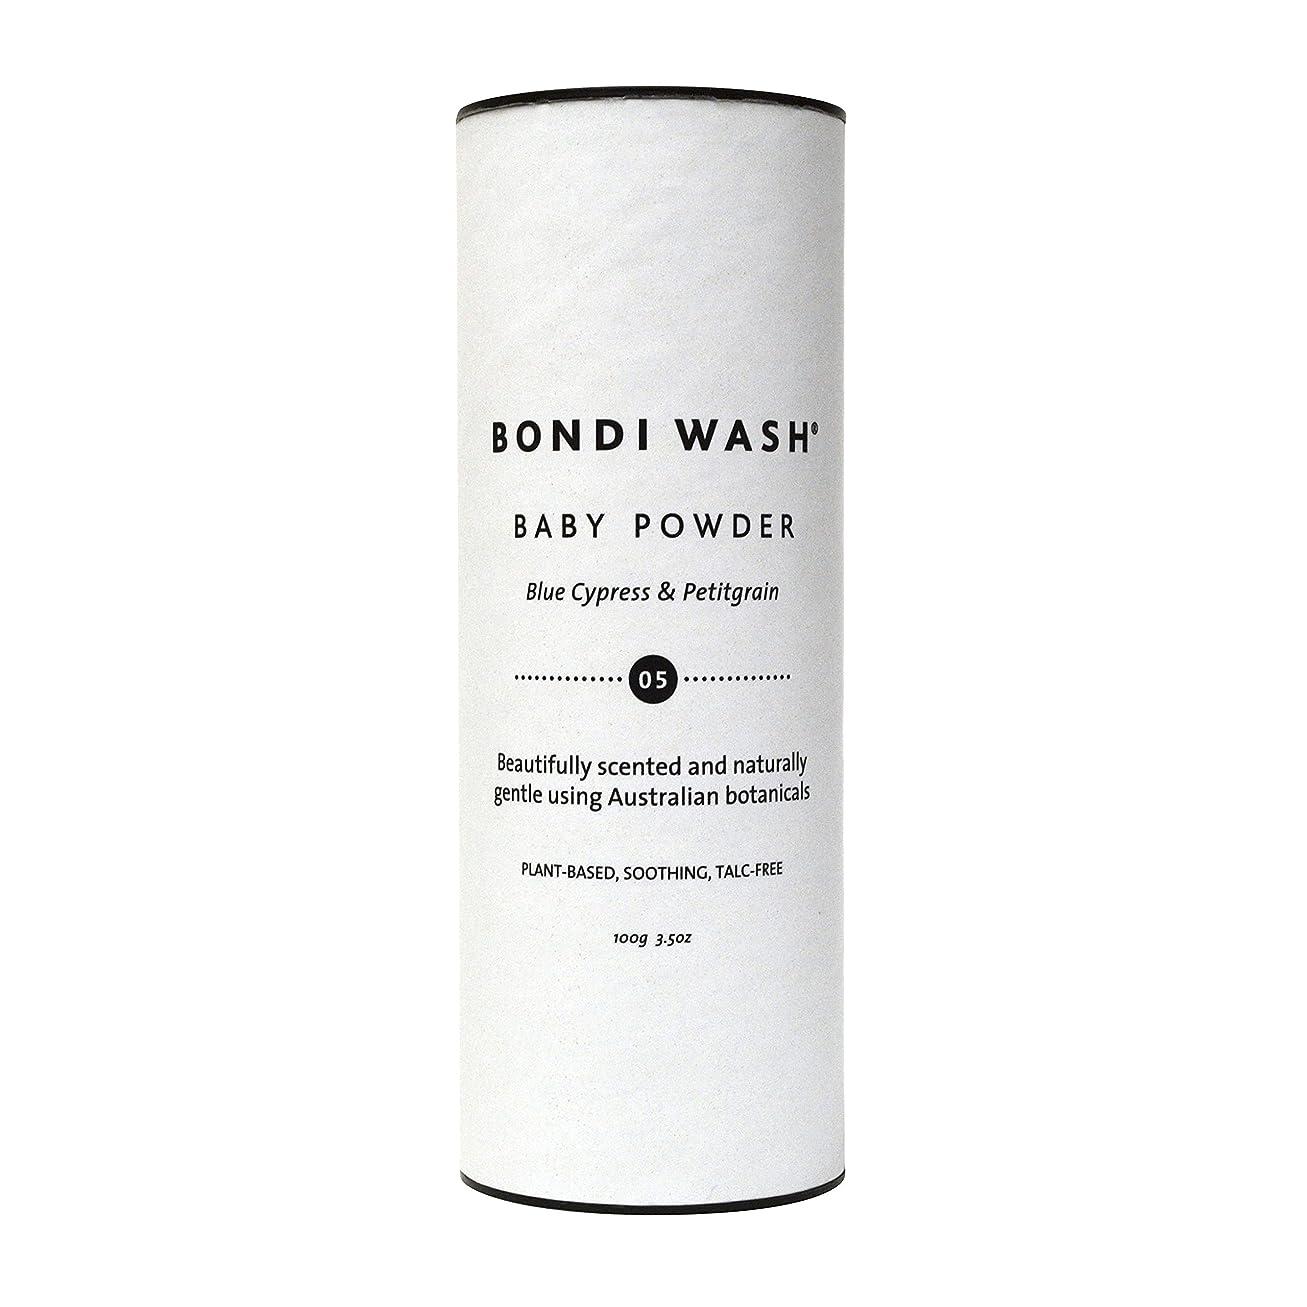 ラグ鉄同様のBONDI WASH ベビーパウダー 100g